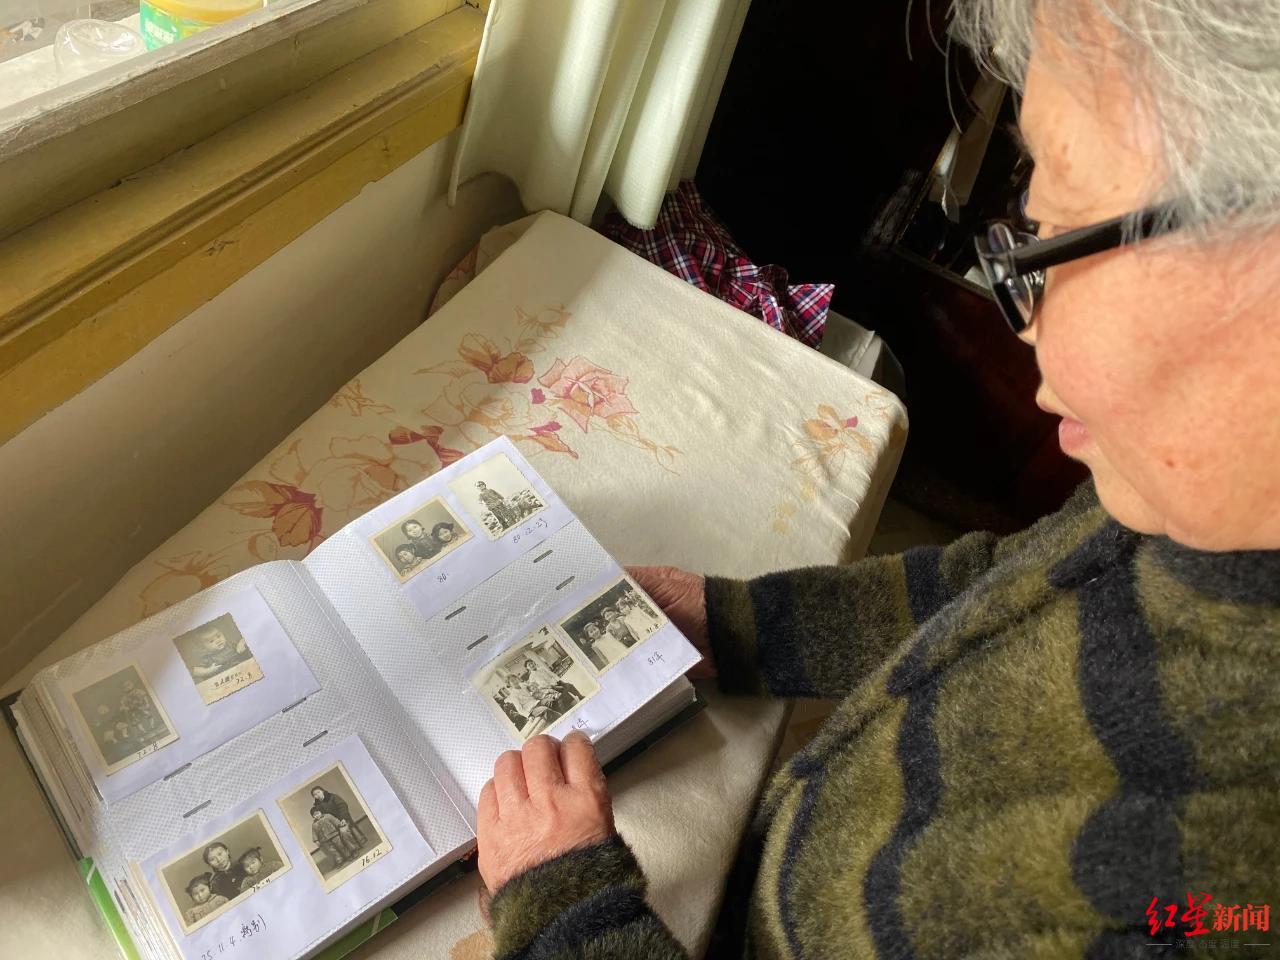 """七旬婆婆珍藏一封67年前的""""志愿军叔叔回信"""":希望捐给抗美援朝纪念馆"""